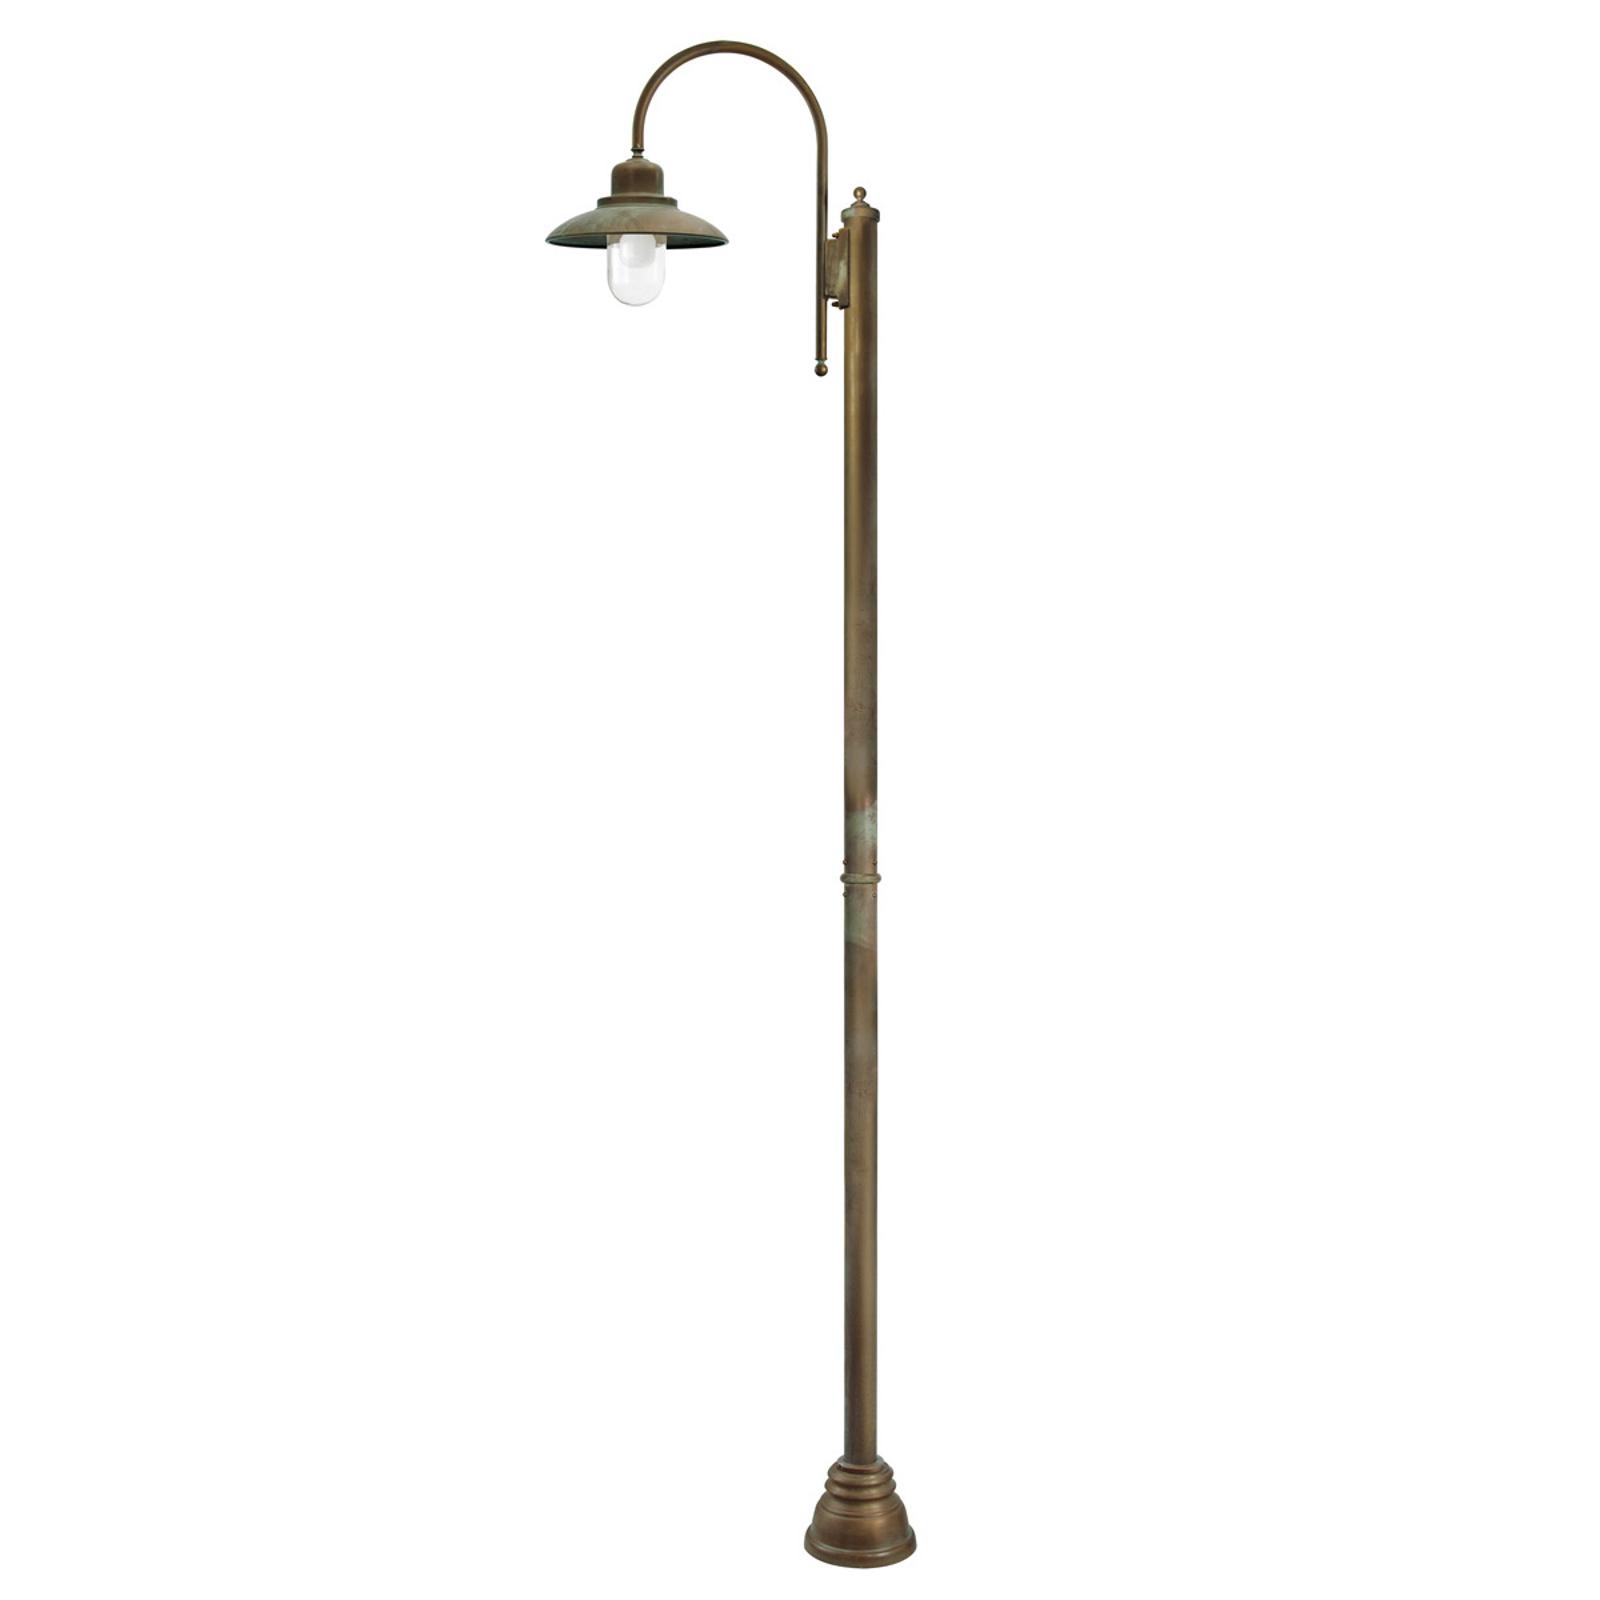 Lampadaire Casale de 270 cm de haut